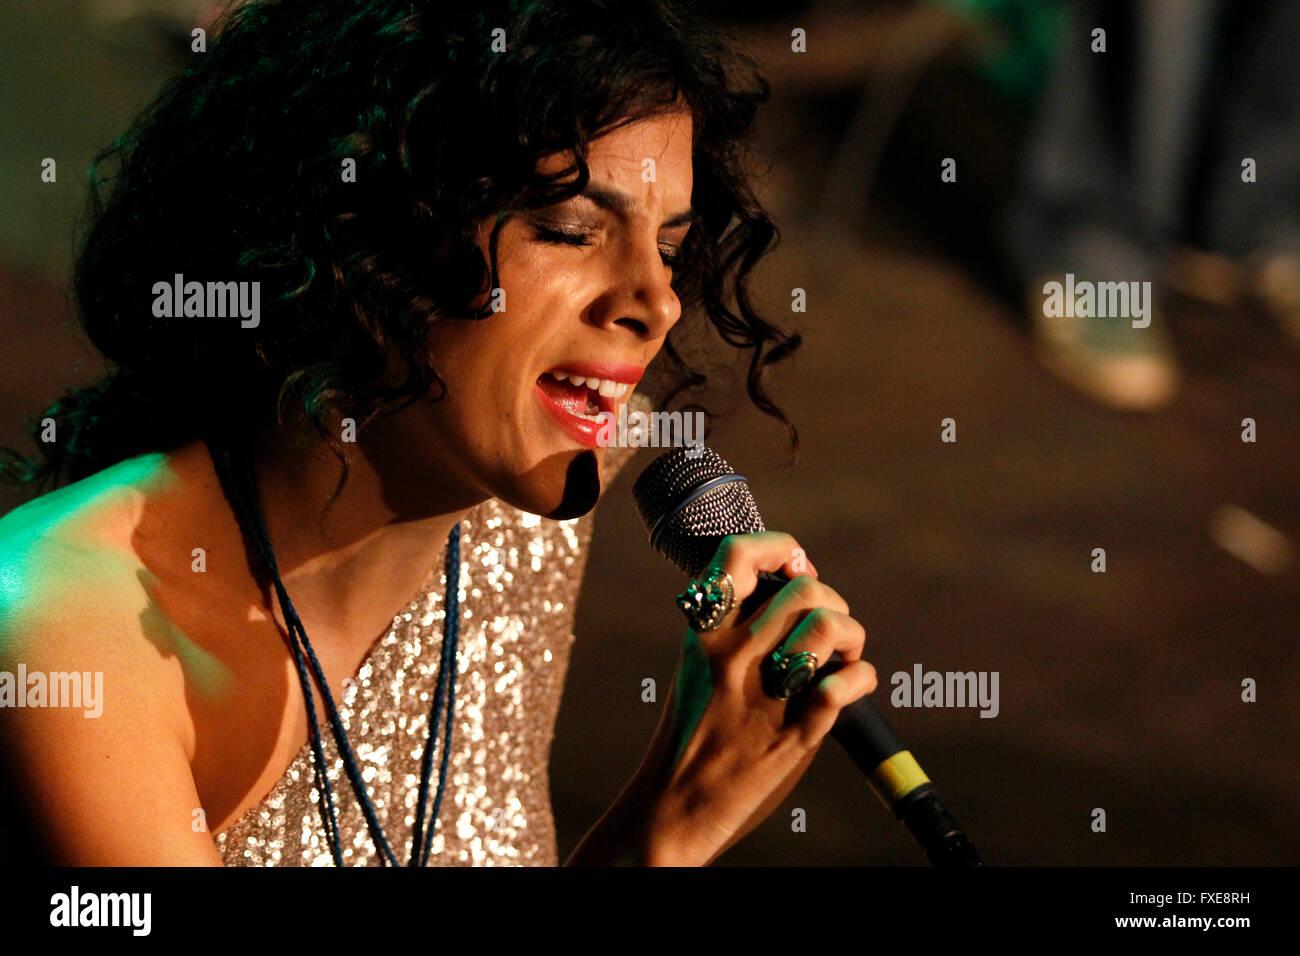 Brasilianische Sängerin